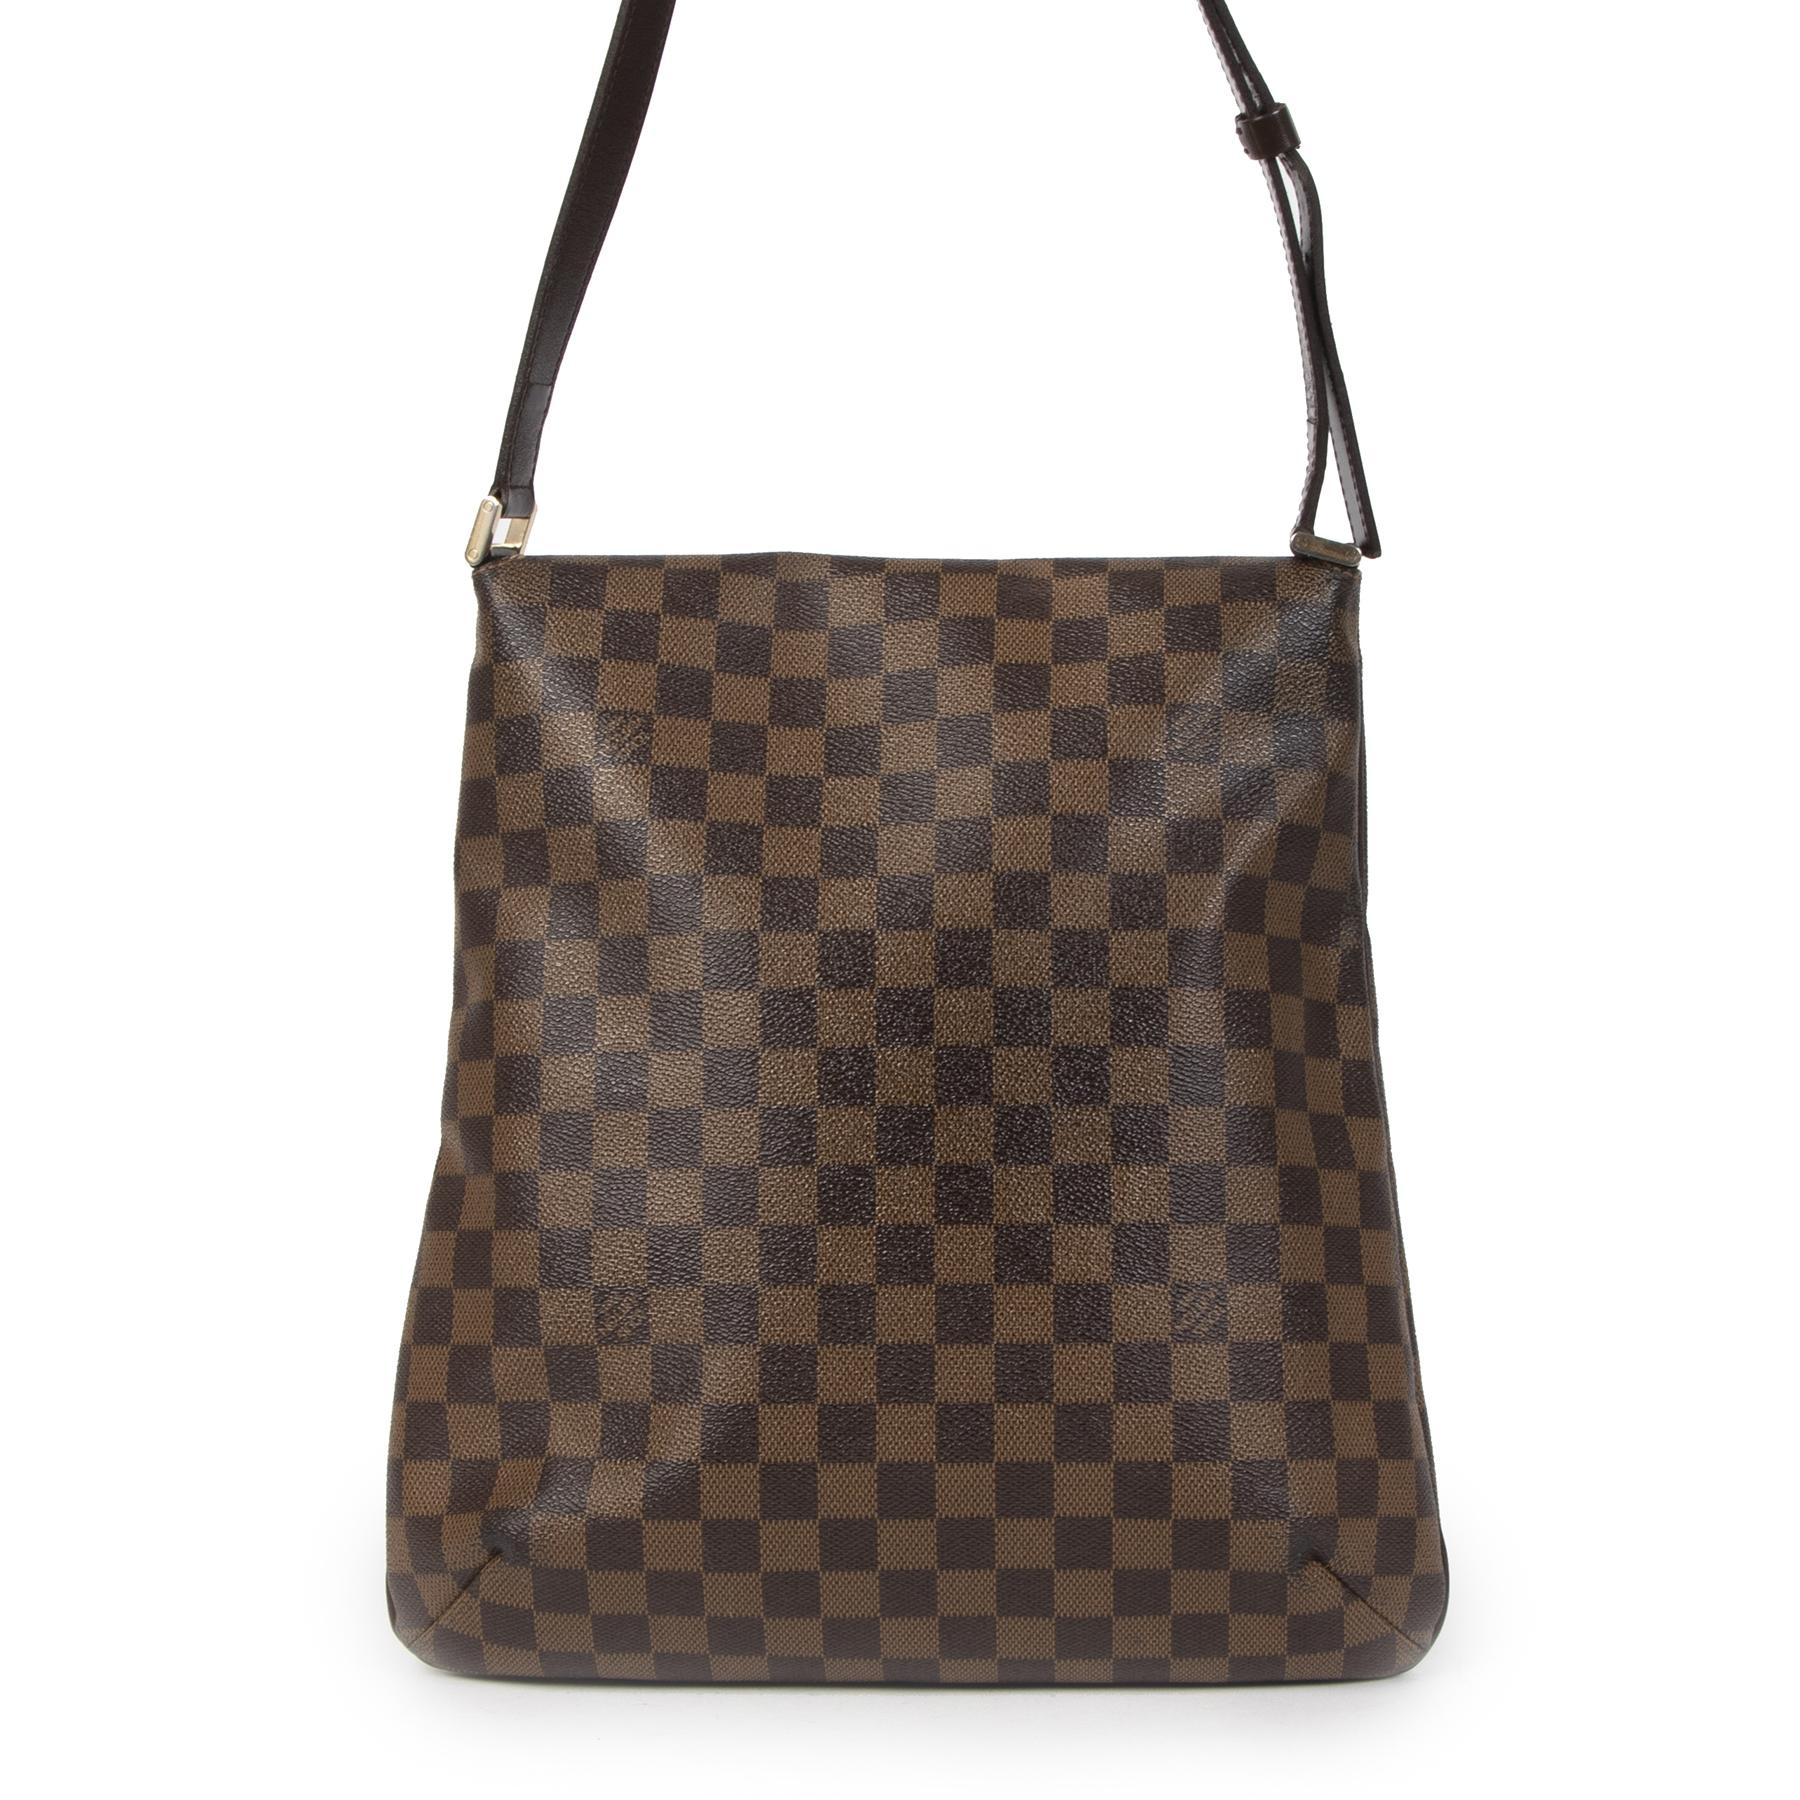 Koop en verkoop uw authentieke designer Louis Vuitton Damier Ebene Musette Salsa Bag